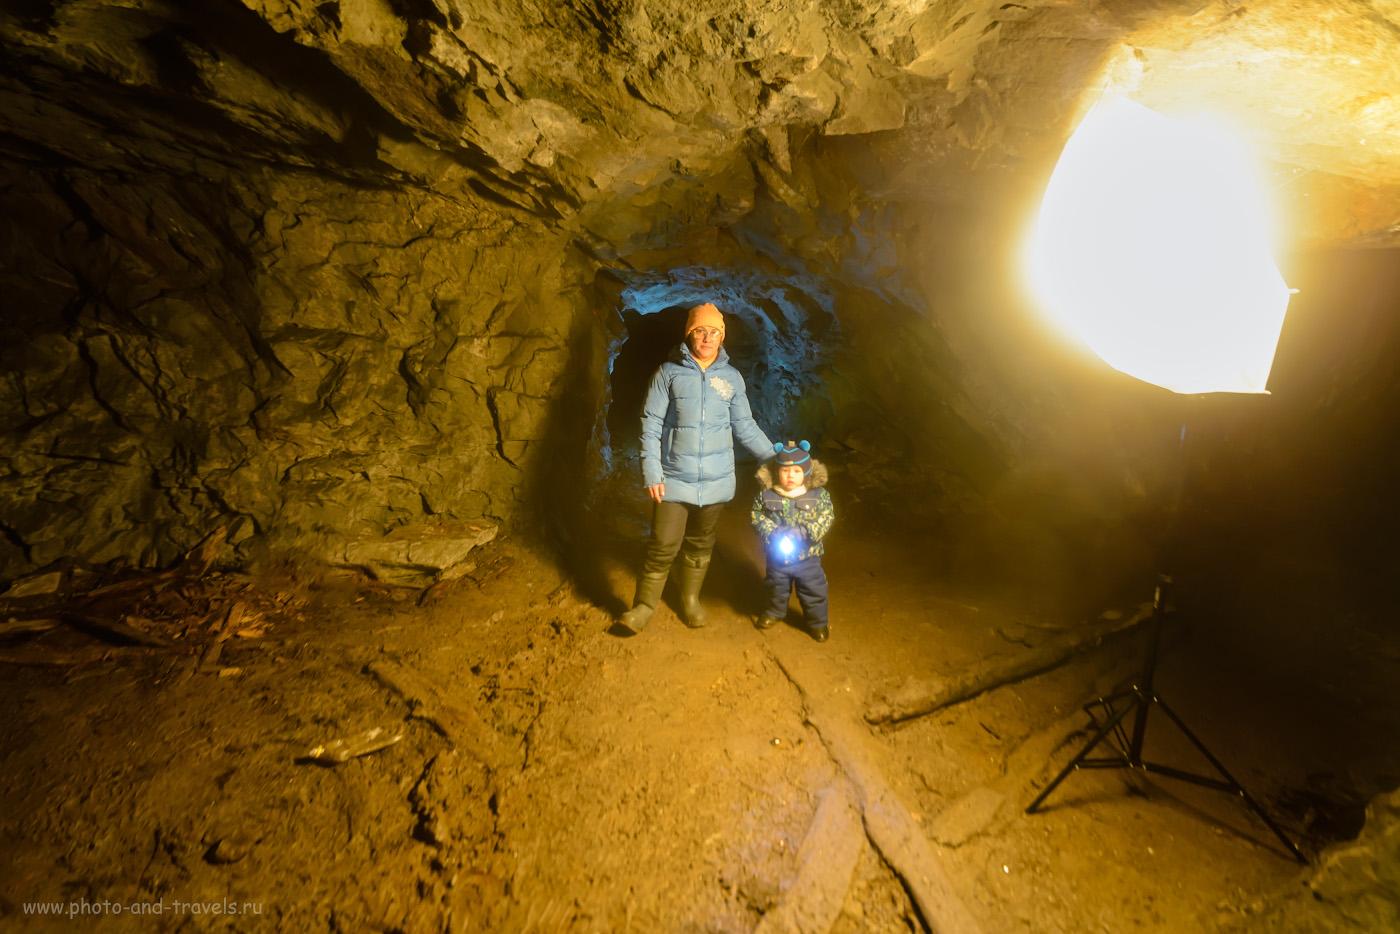 Фото 15. Как я фотографировал в шахте, освещая сцену вспышкой. 1/30, 2.8, 1600, +0.33, 14.